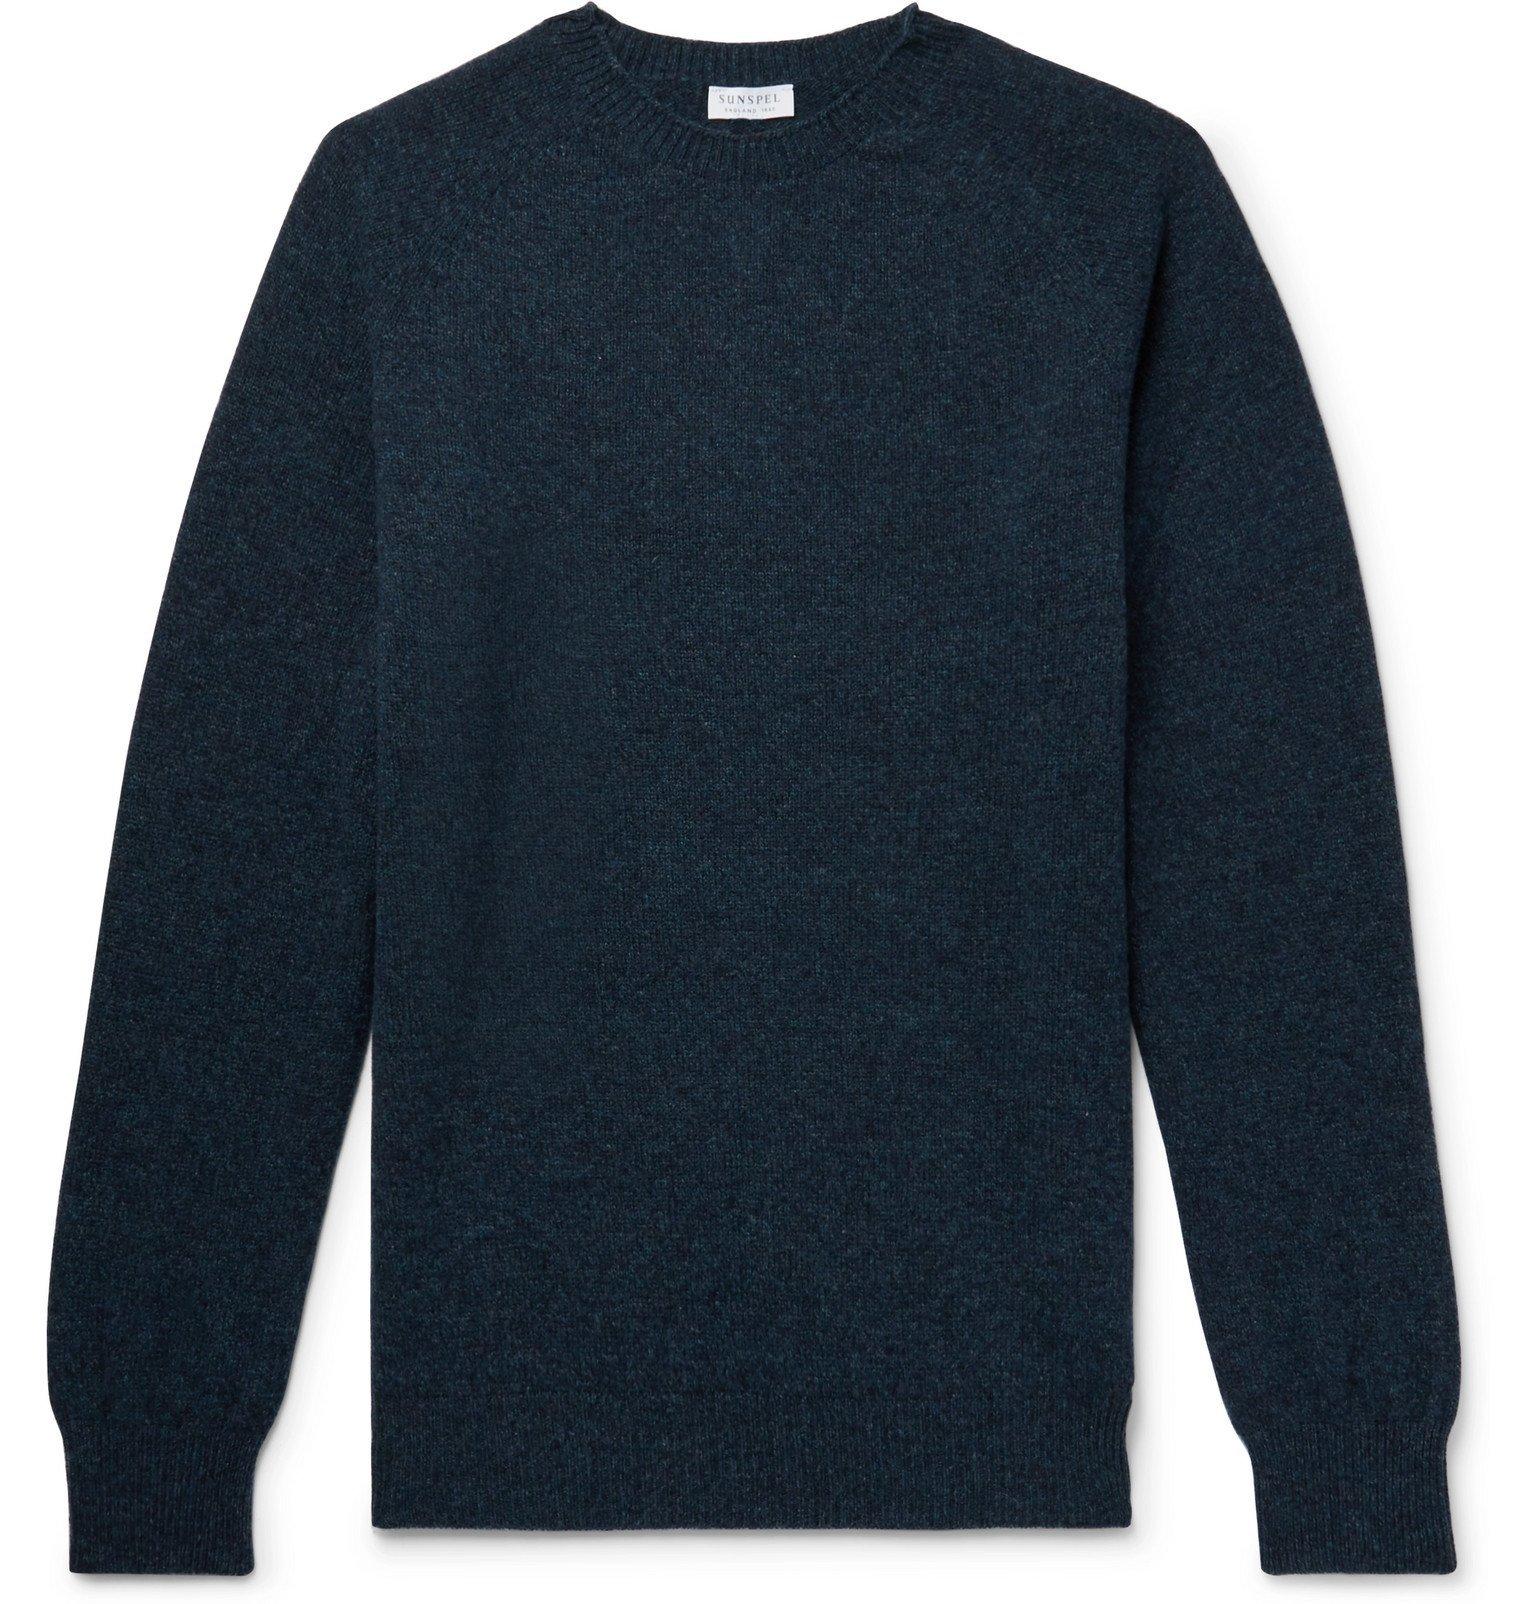 Sunspel - Mélange Wool Sweater - Blue